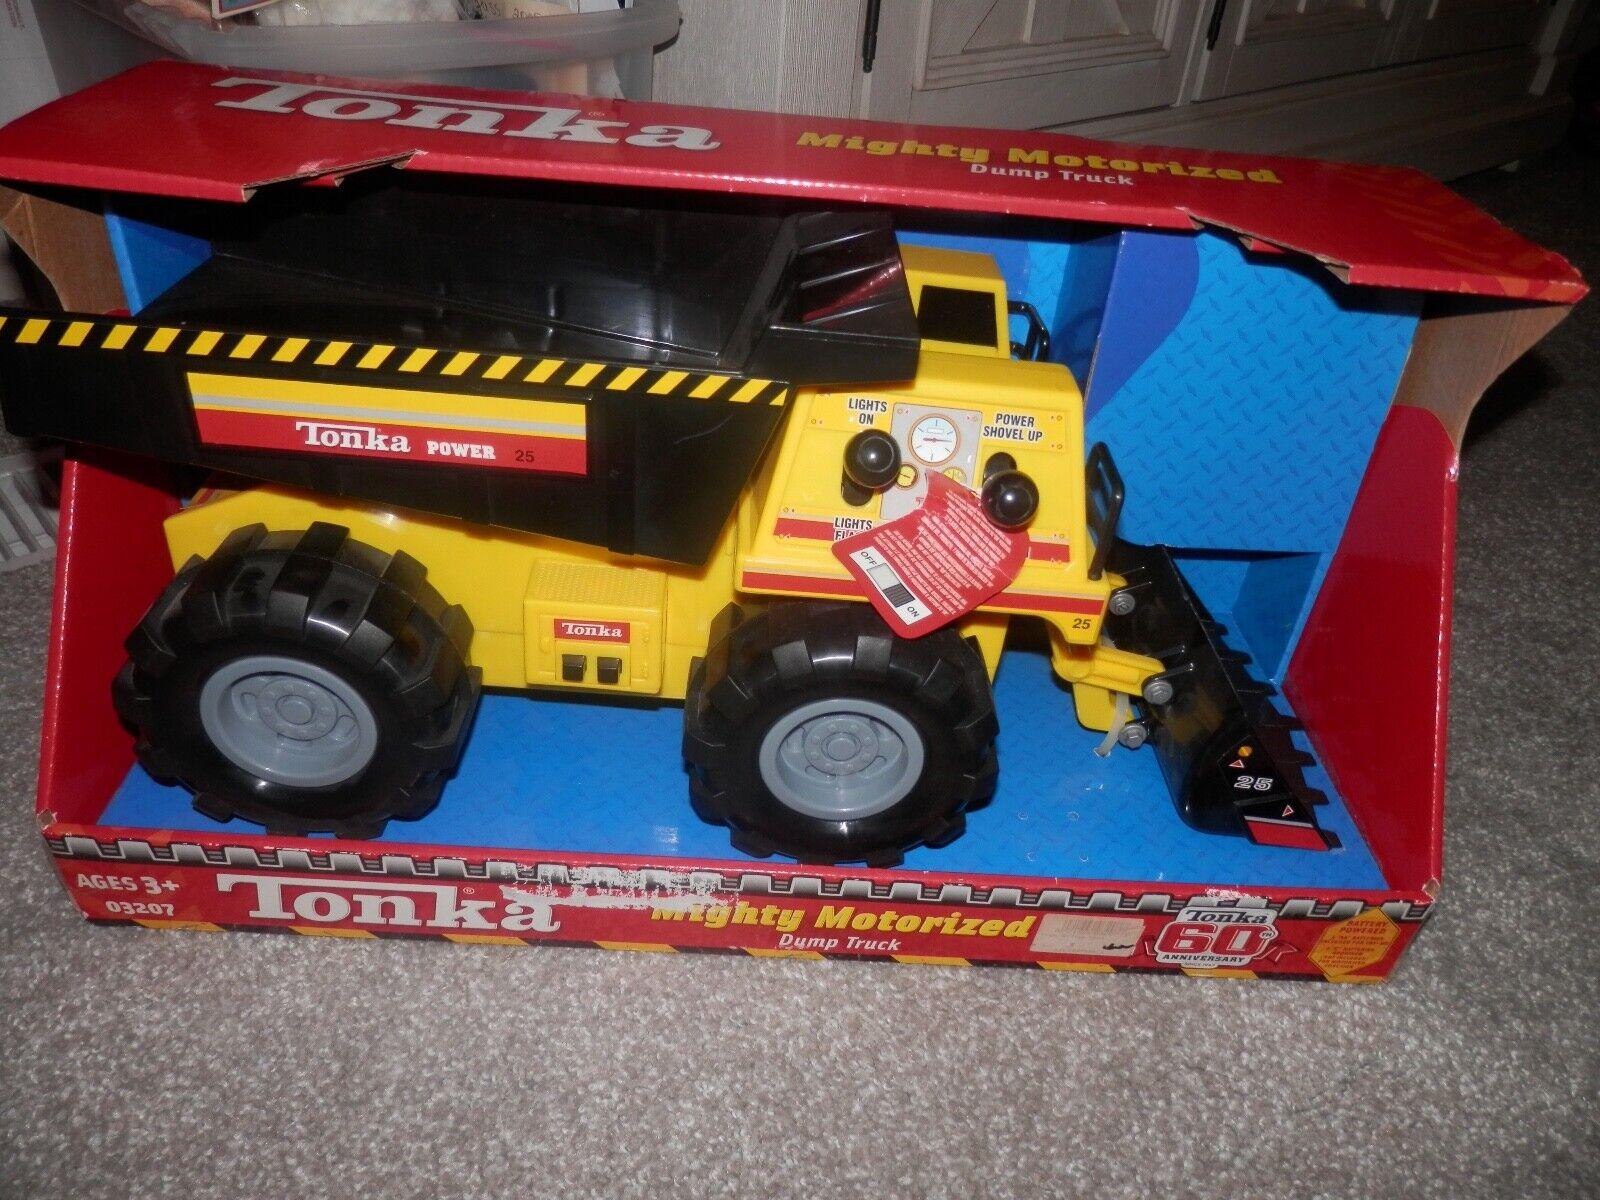 TONKA Mighty motorisés Camions à Benne 2007 RARE  60th Anniversaire 17  X 8  Boy 3up  en bonne santé